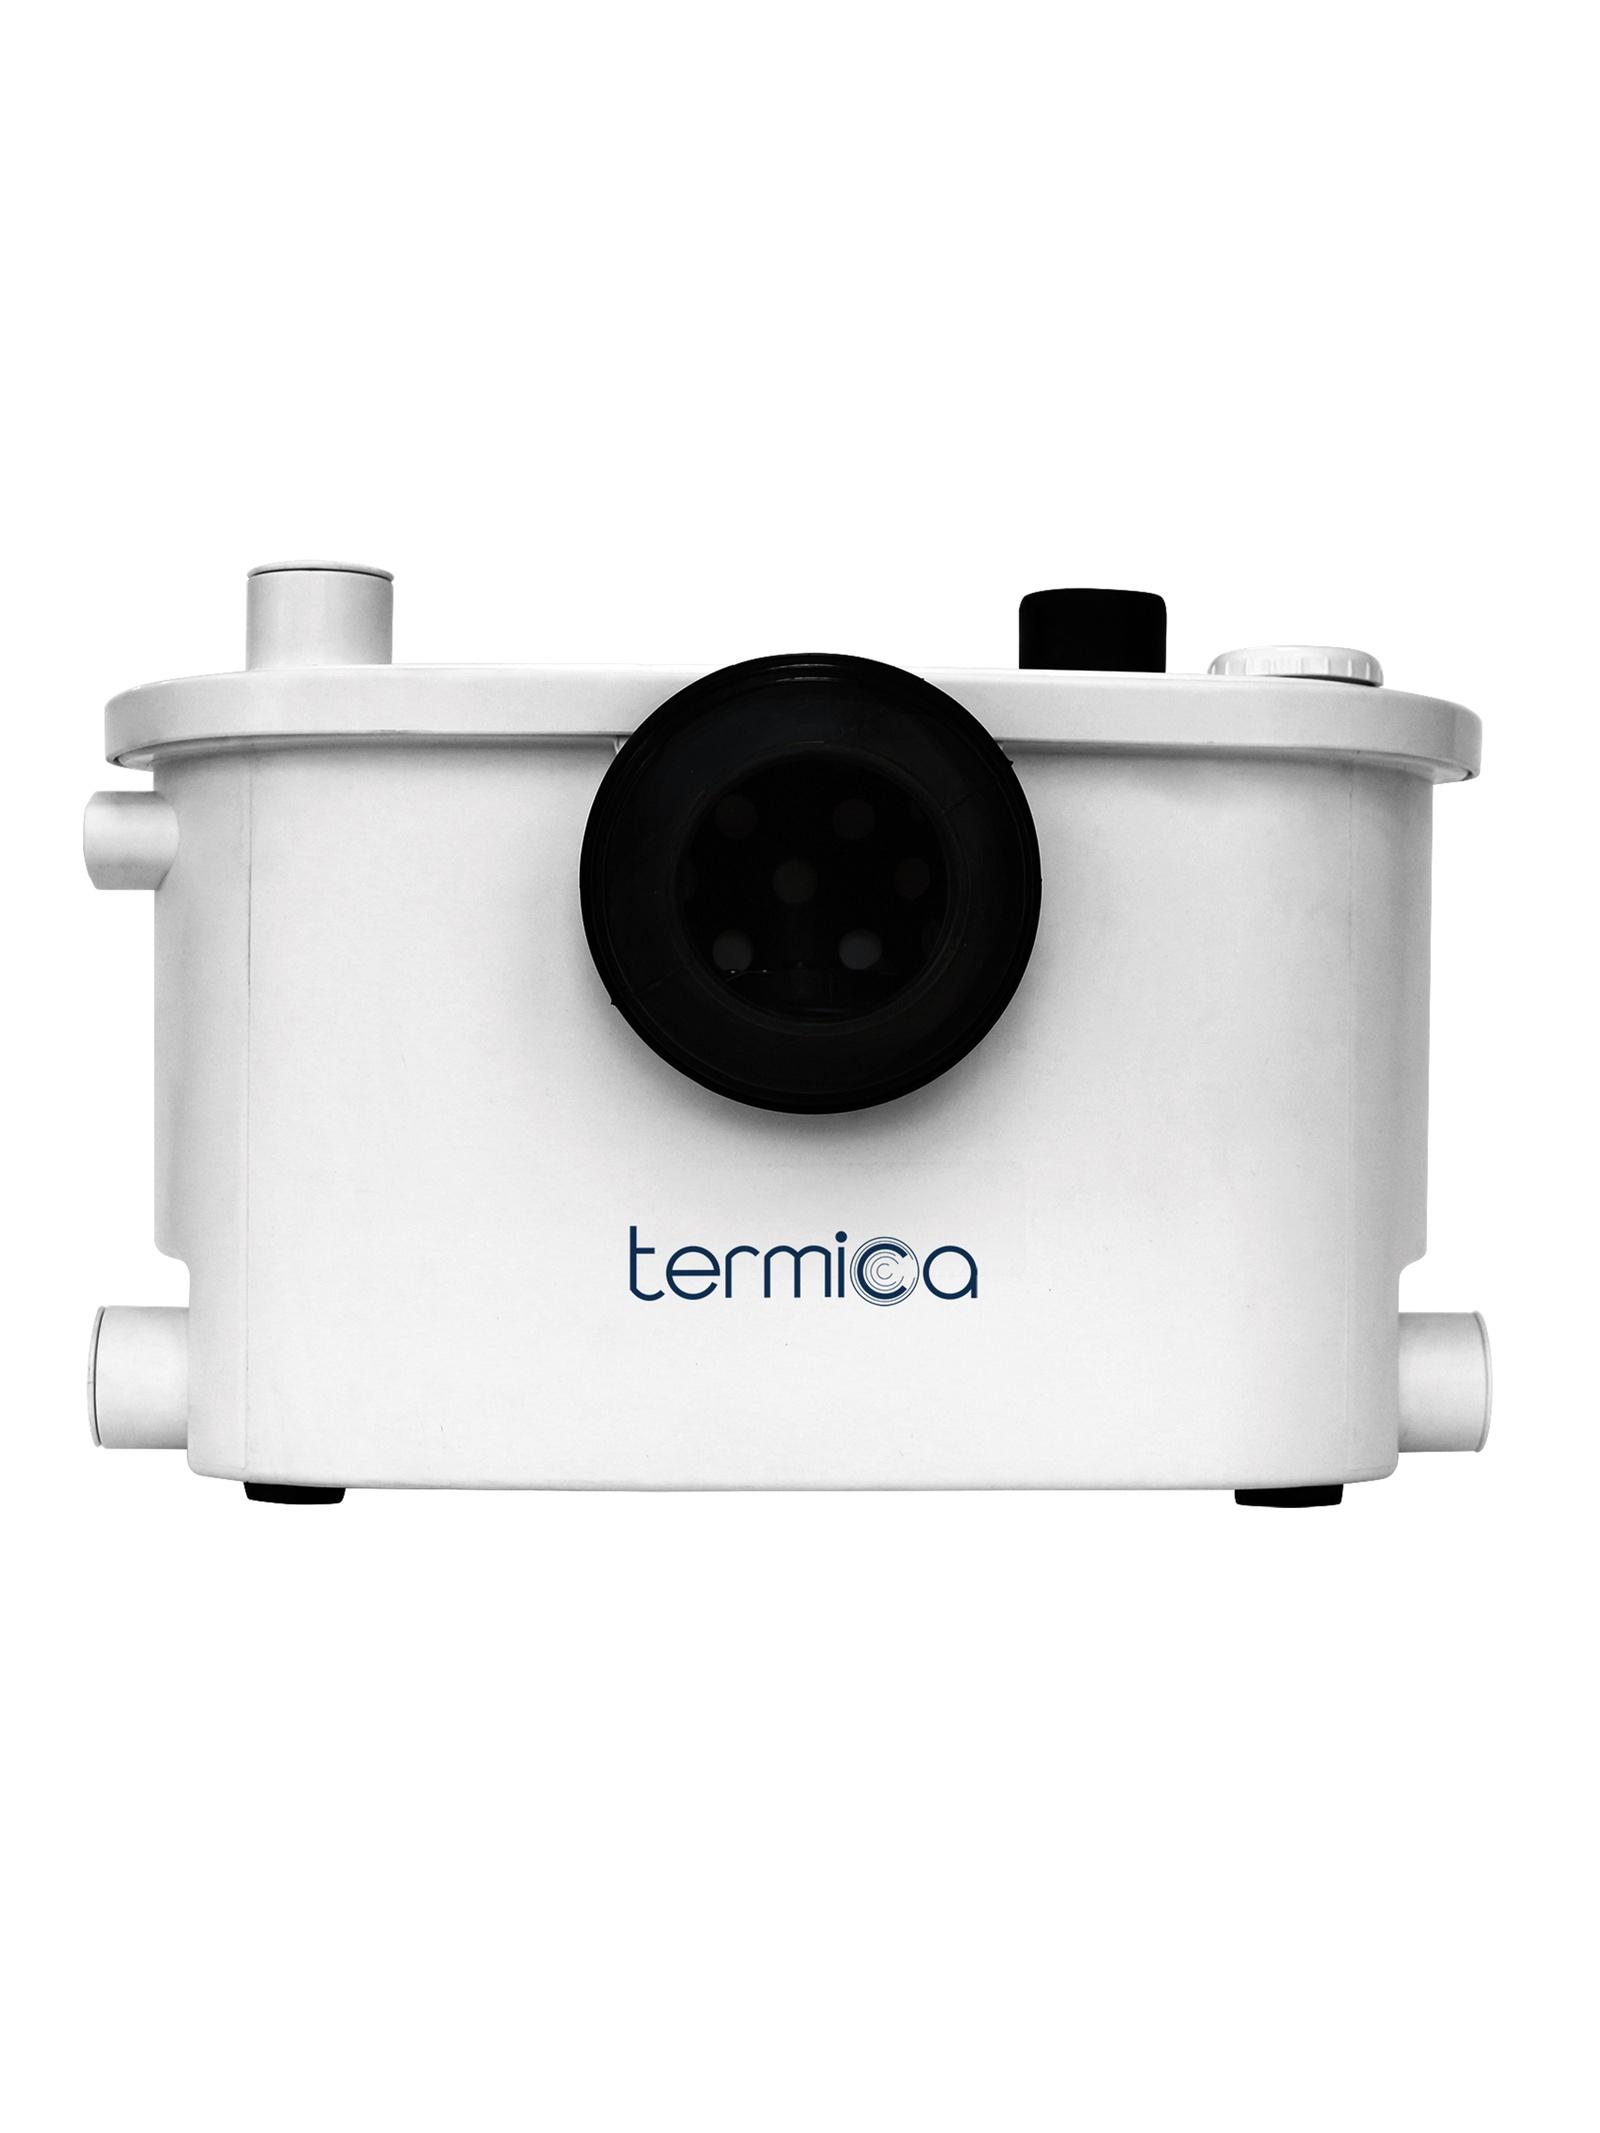 Канализационная установка Termica Compact Lift 400